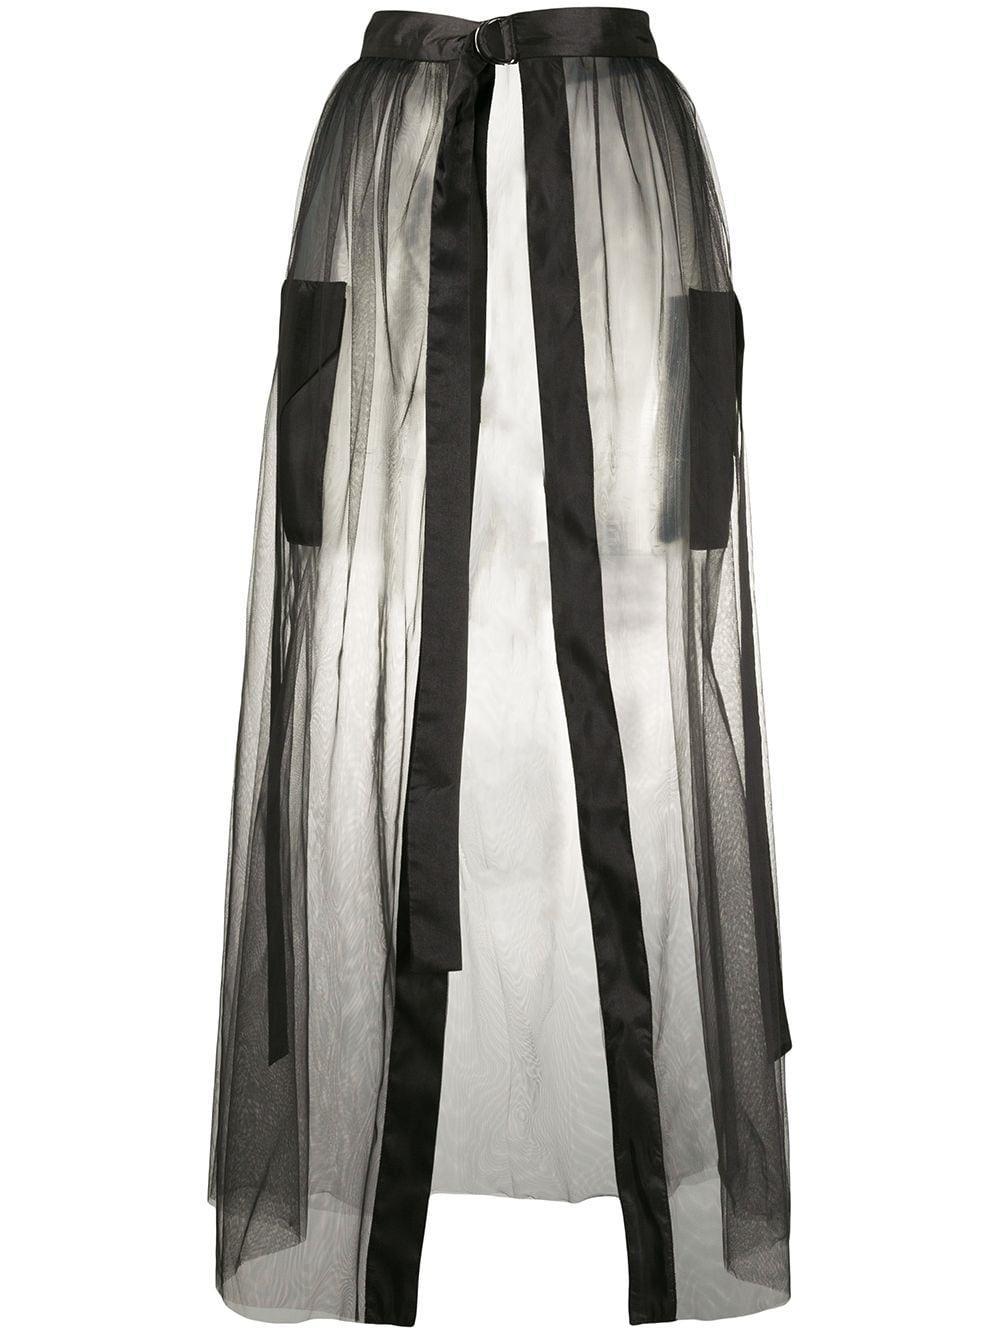 Loulou полупрозрачная юбка с разрезом спереди